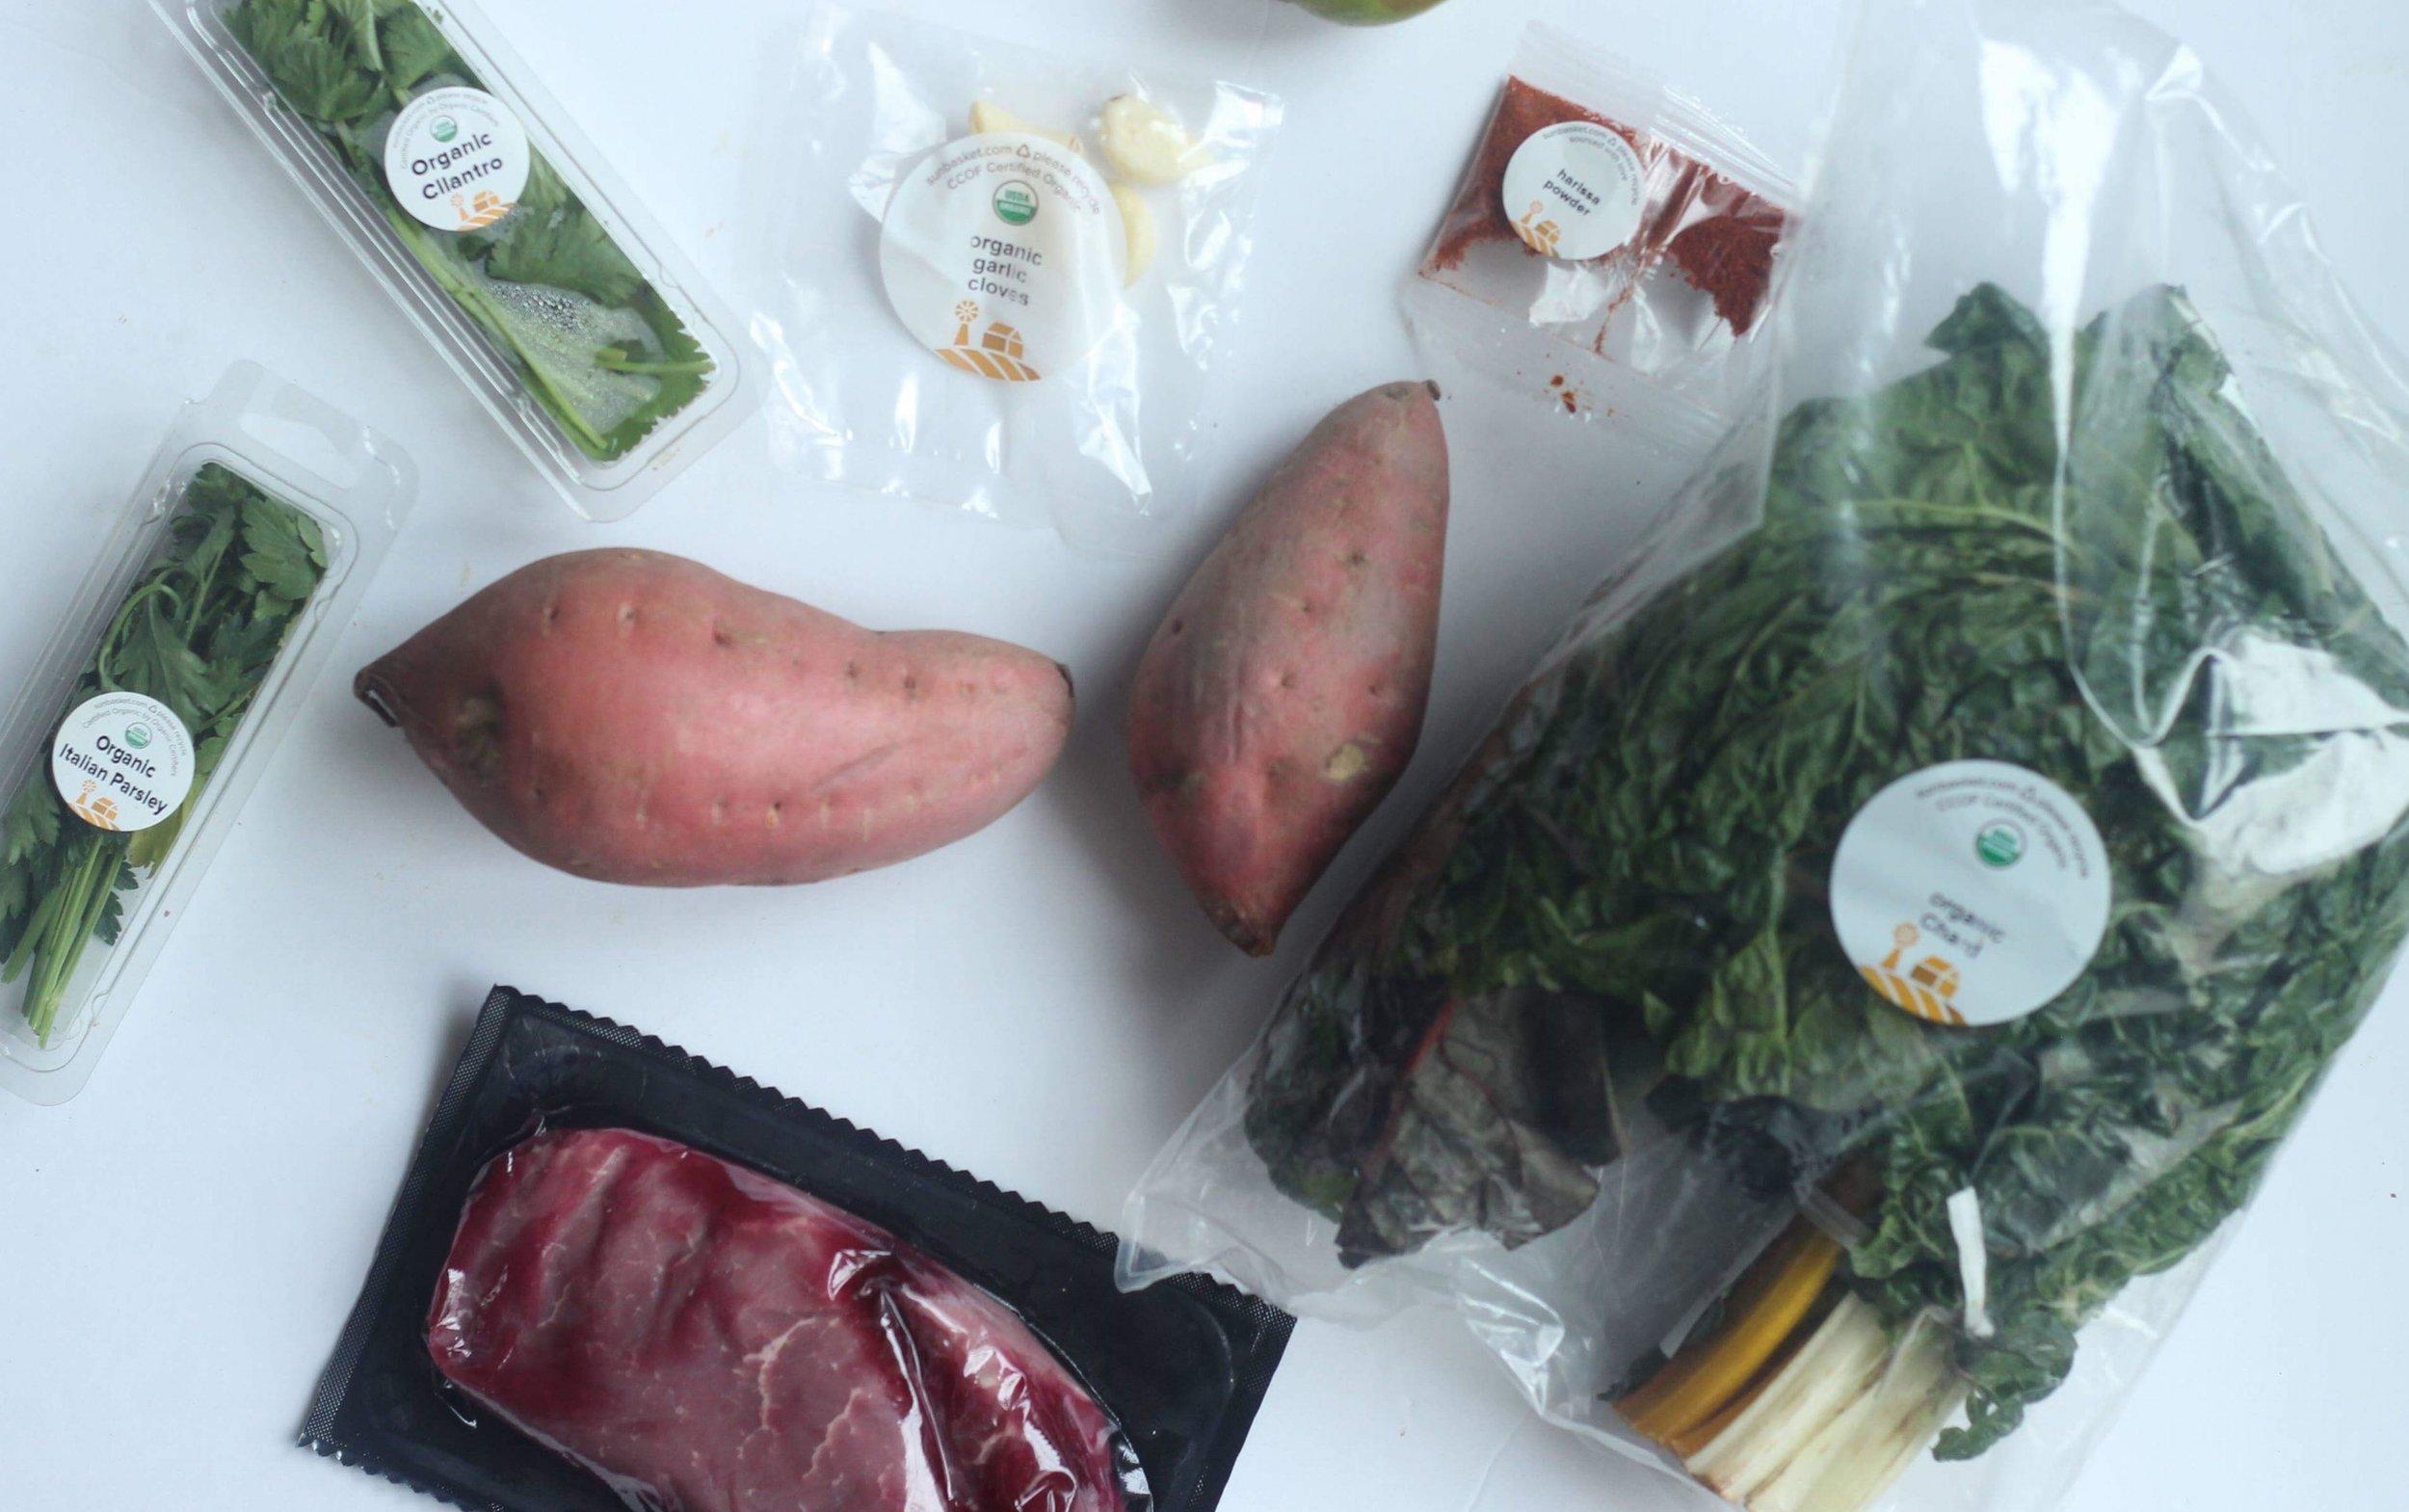 sunbasket meal delivery